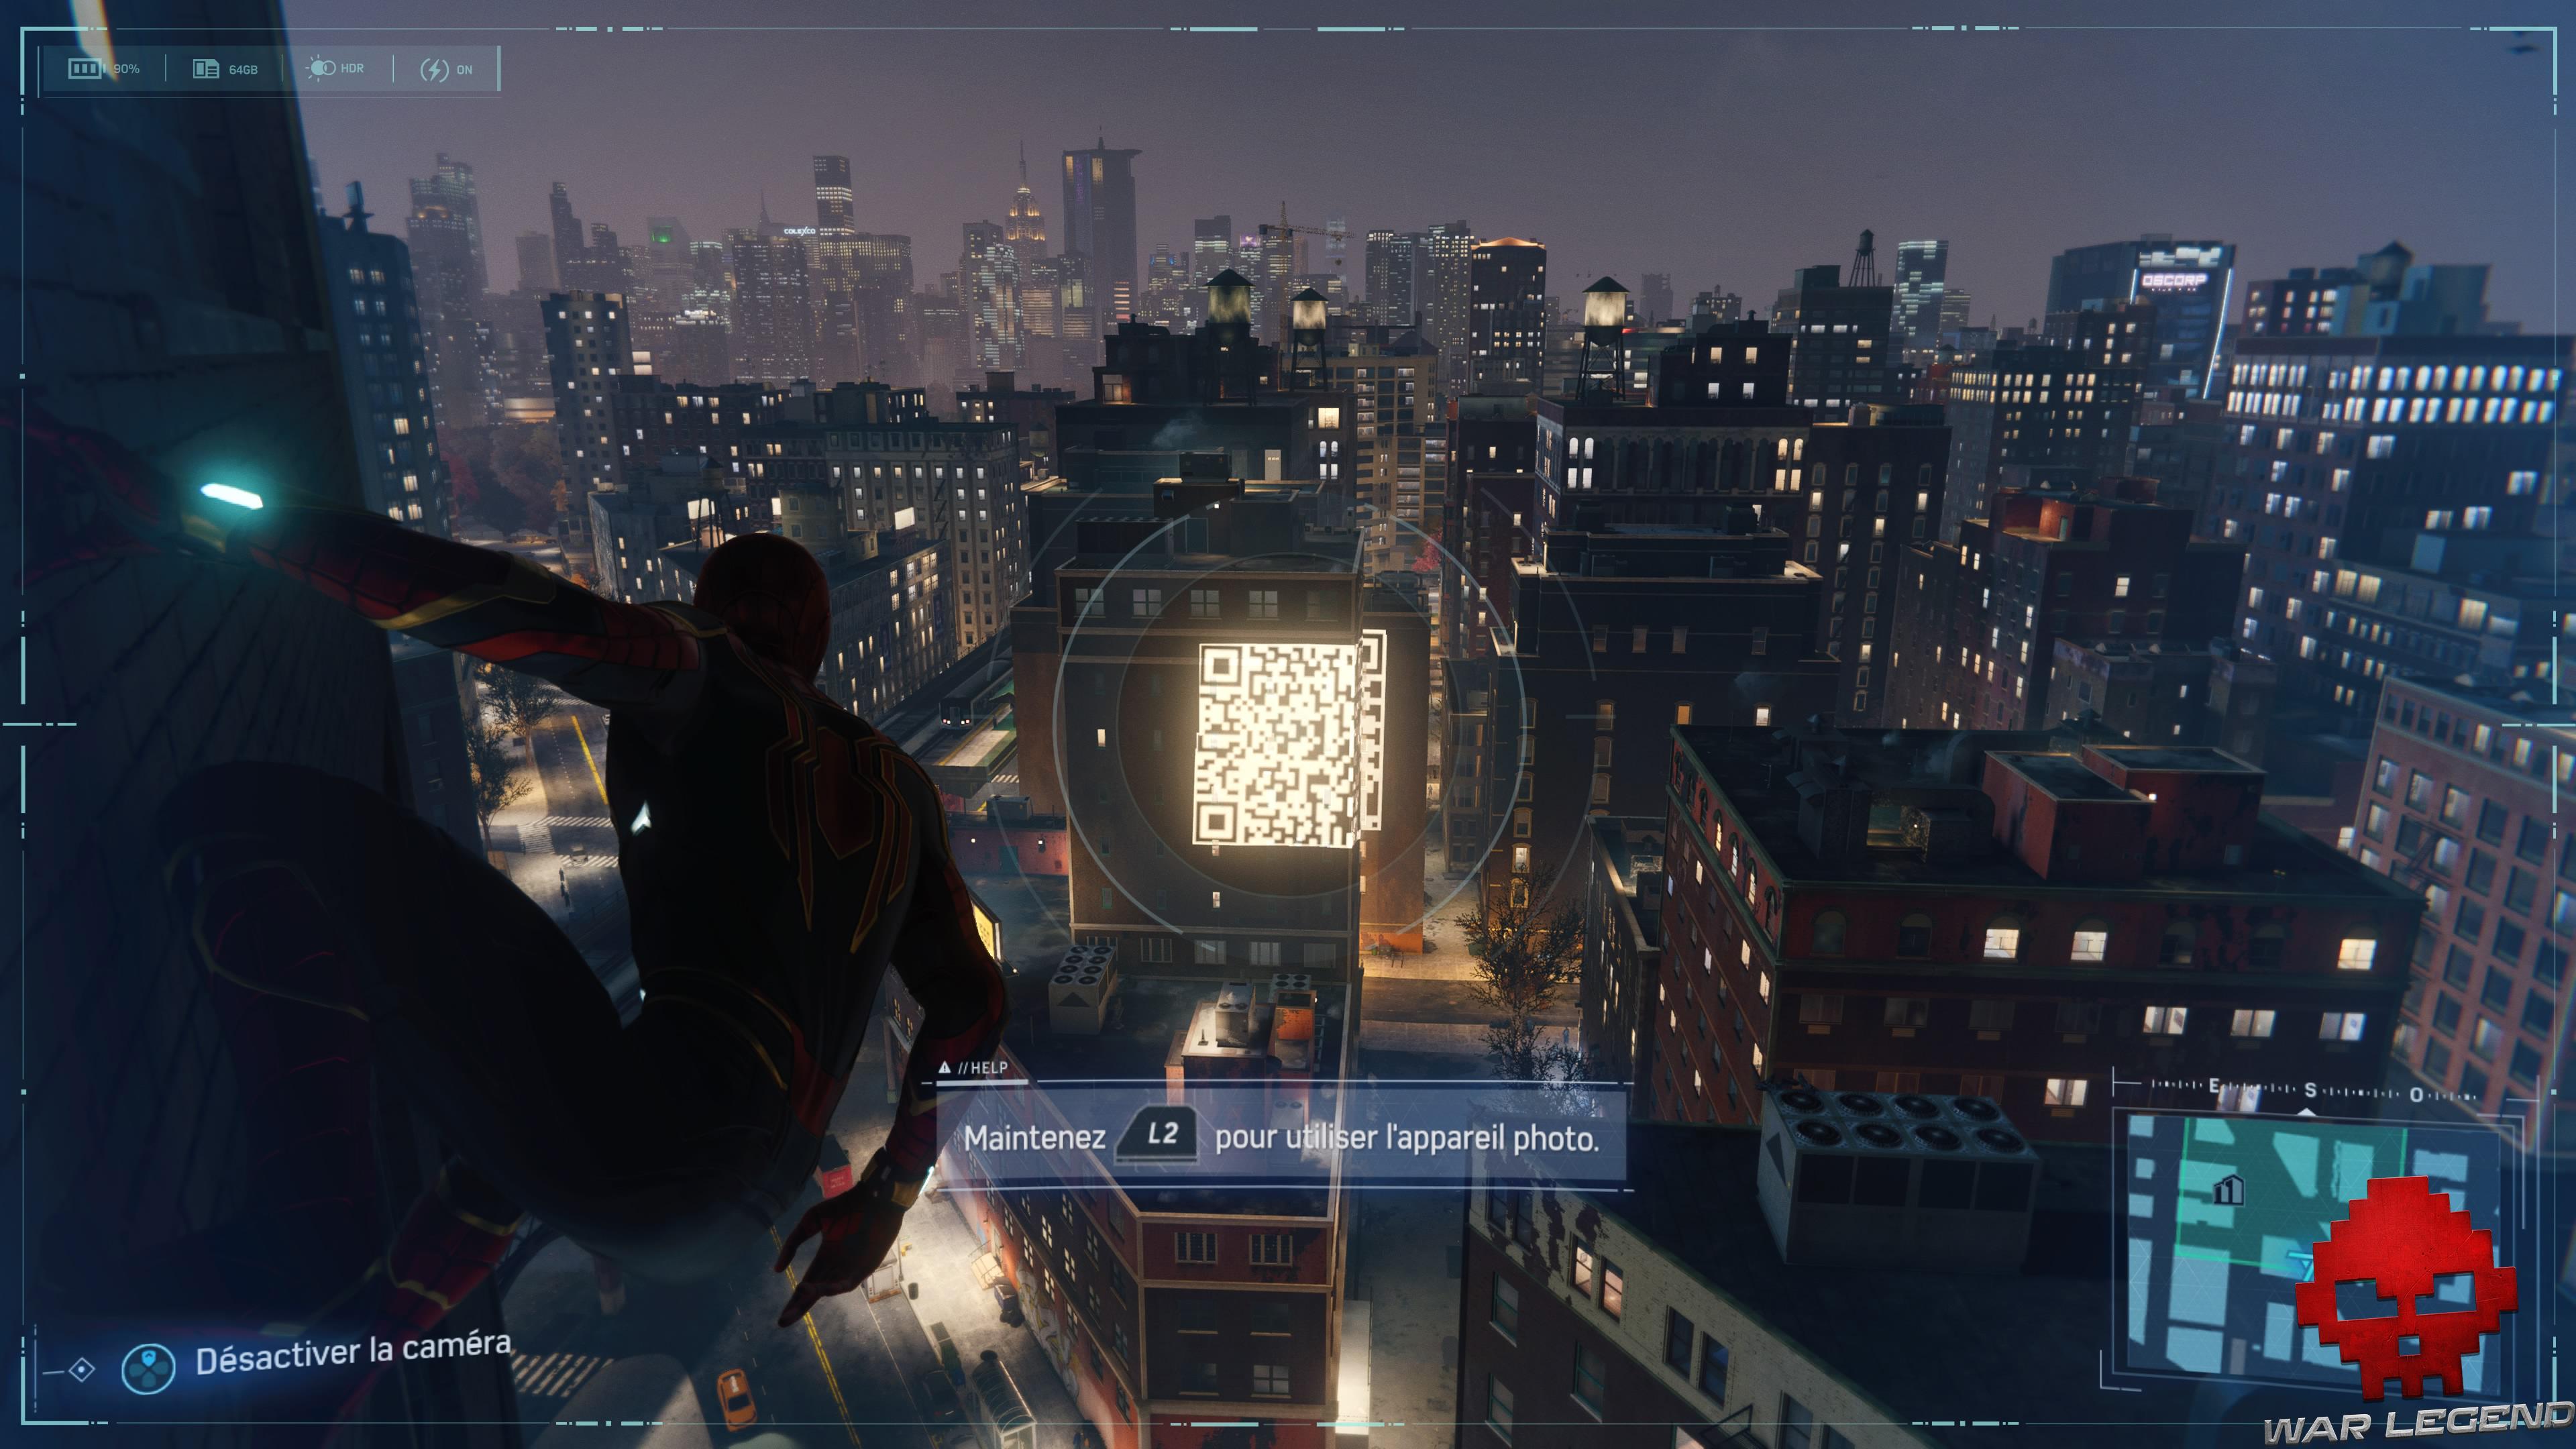 solution spider-man le feu des projecteurs - Spider-Man suspendu, regardant un QR Code sur un immeuble